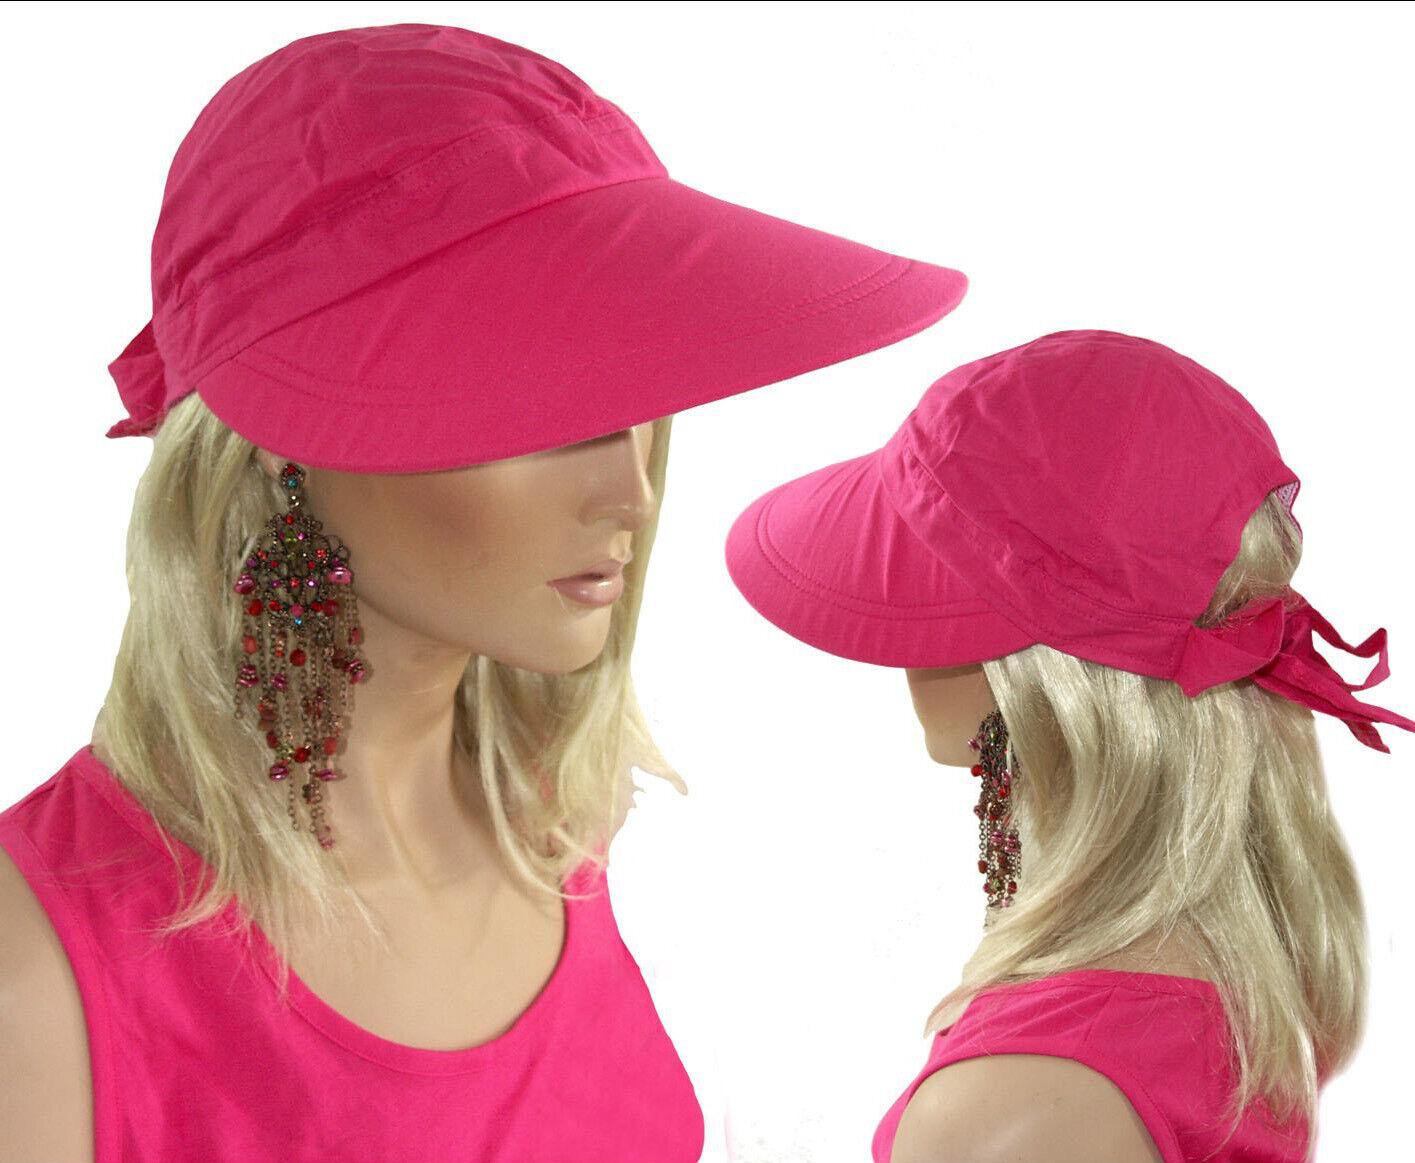 DAMEN VISOR CAP Schirmmütze Sonnenvisor breite Krempe Schleife UV Schutz PINK